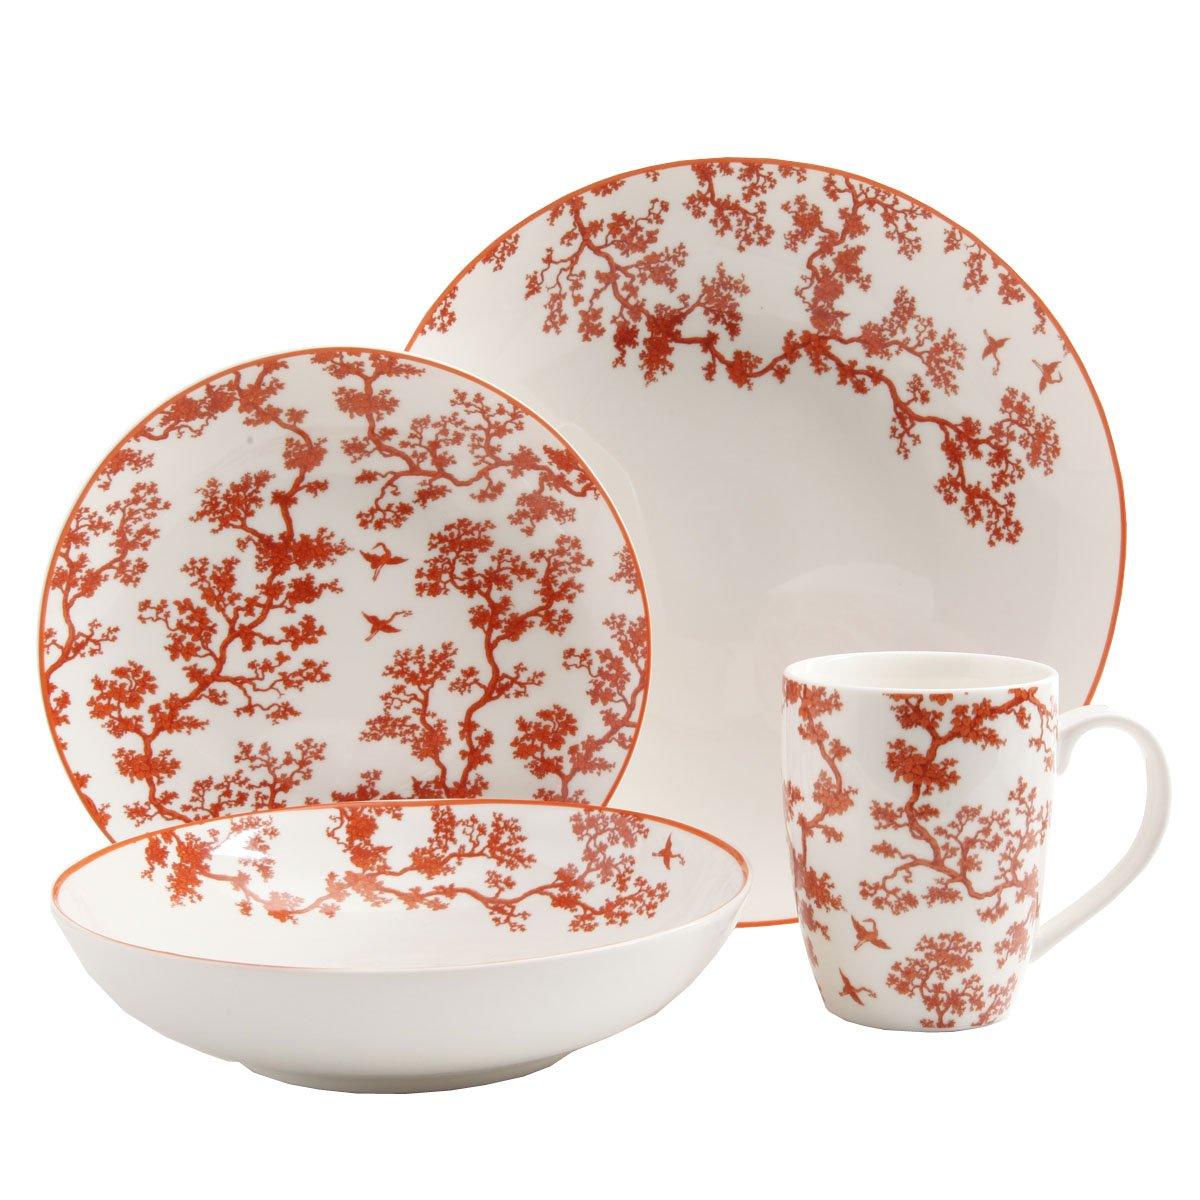 Vajilla de cer mica 4 piezas gibson sears com mx me for Vajilla ceramica